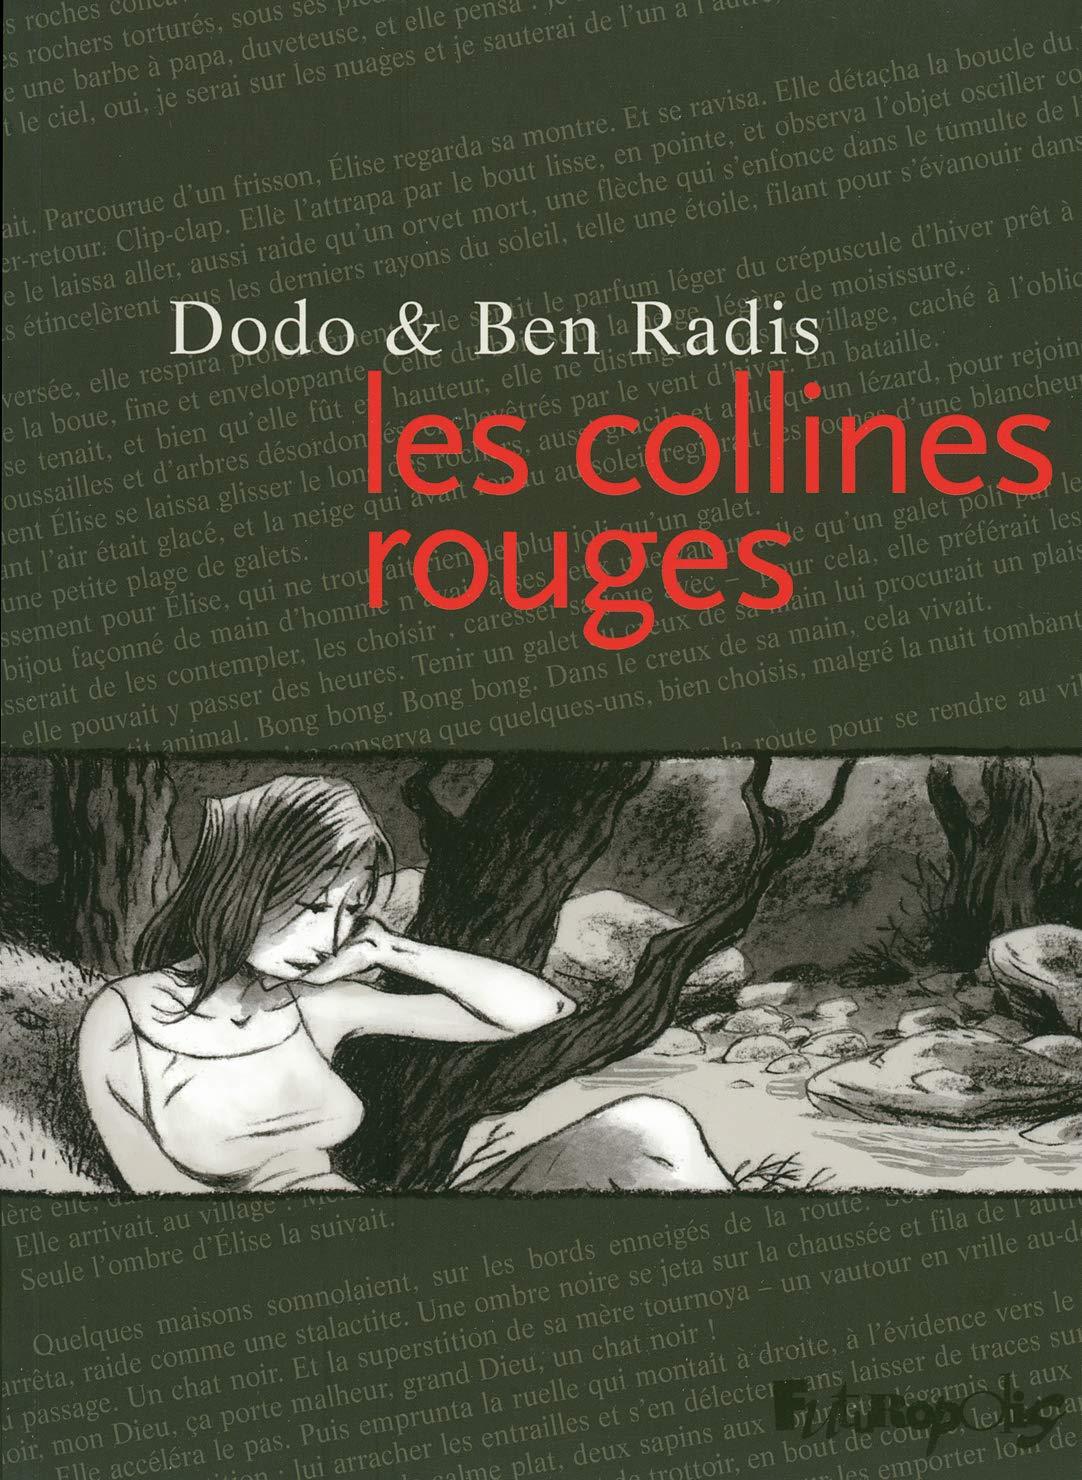 Ben Radis